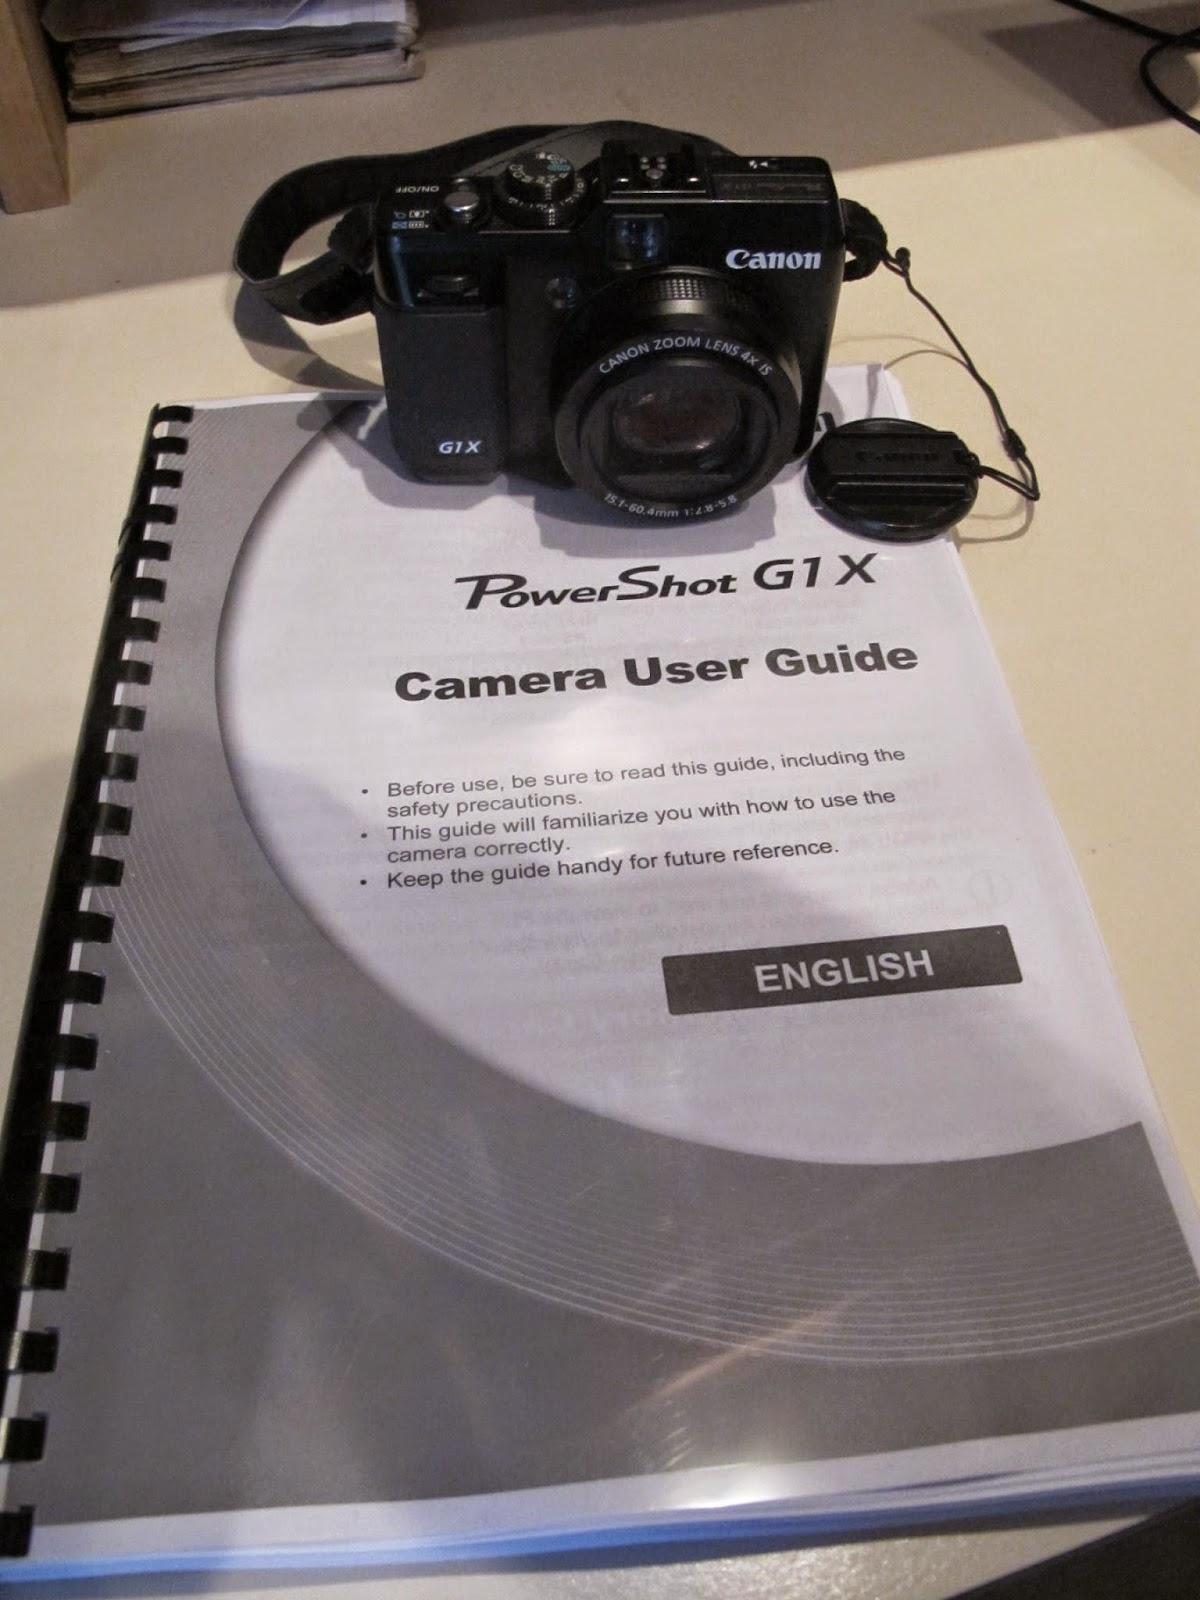 Ckd boats roy mc bride: canon g1x user manual?